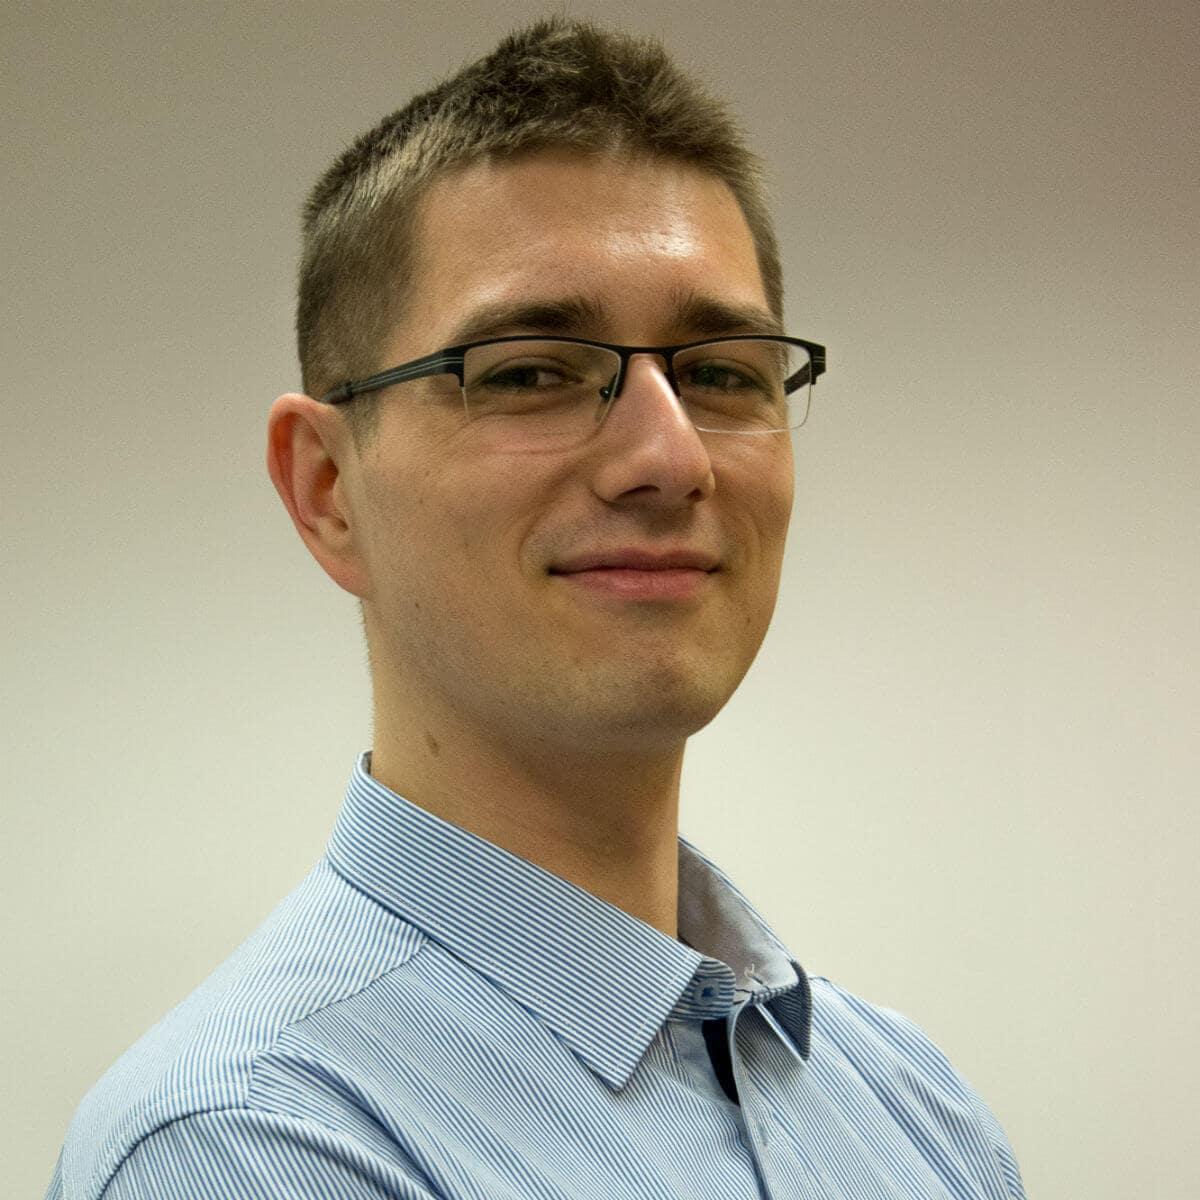 Jakub Kaczmarek